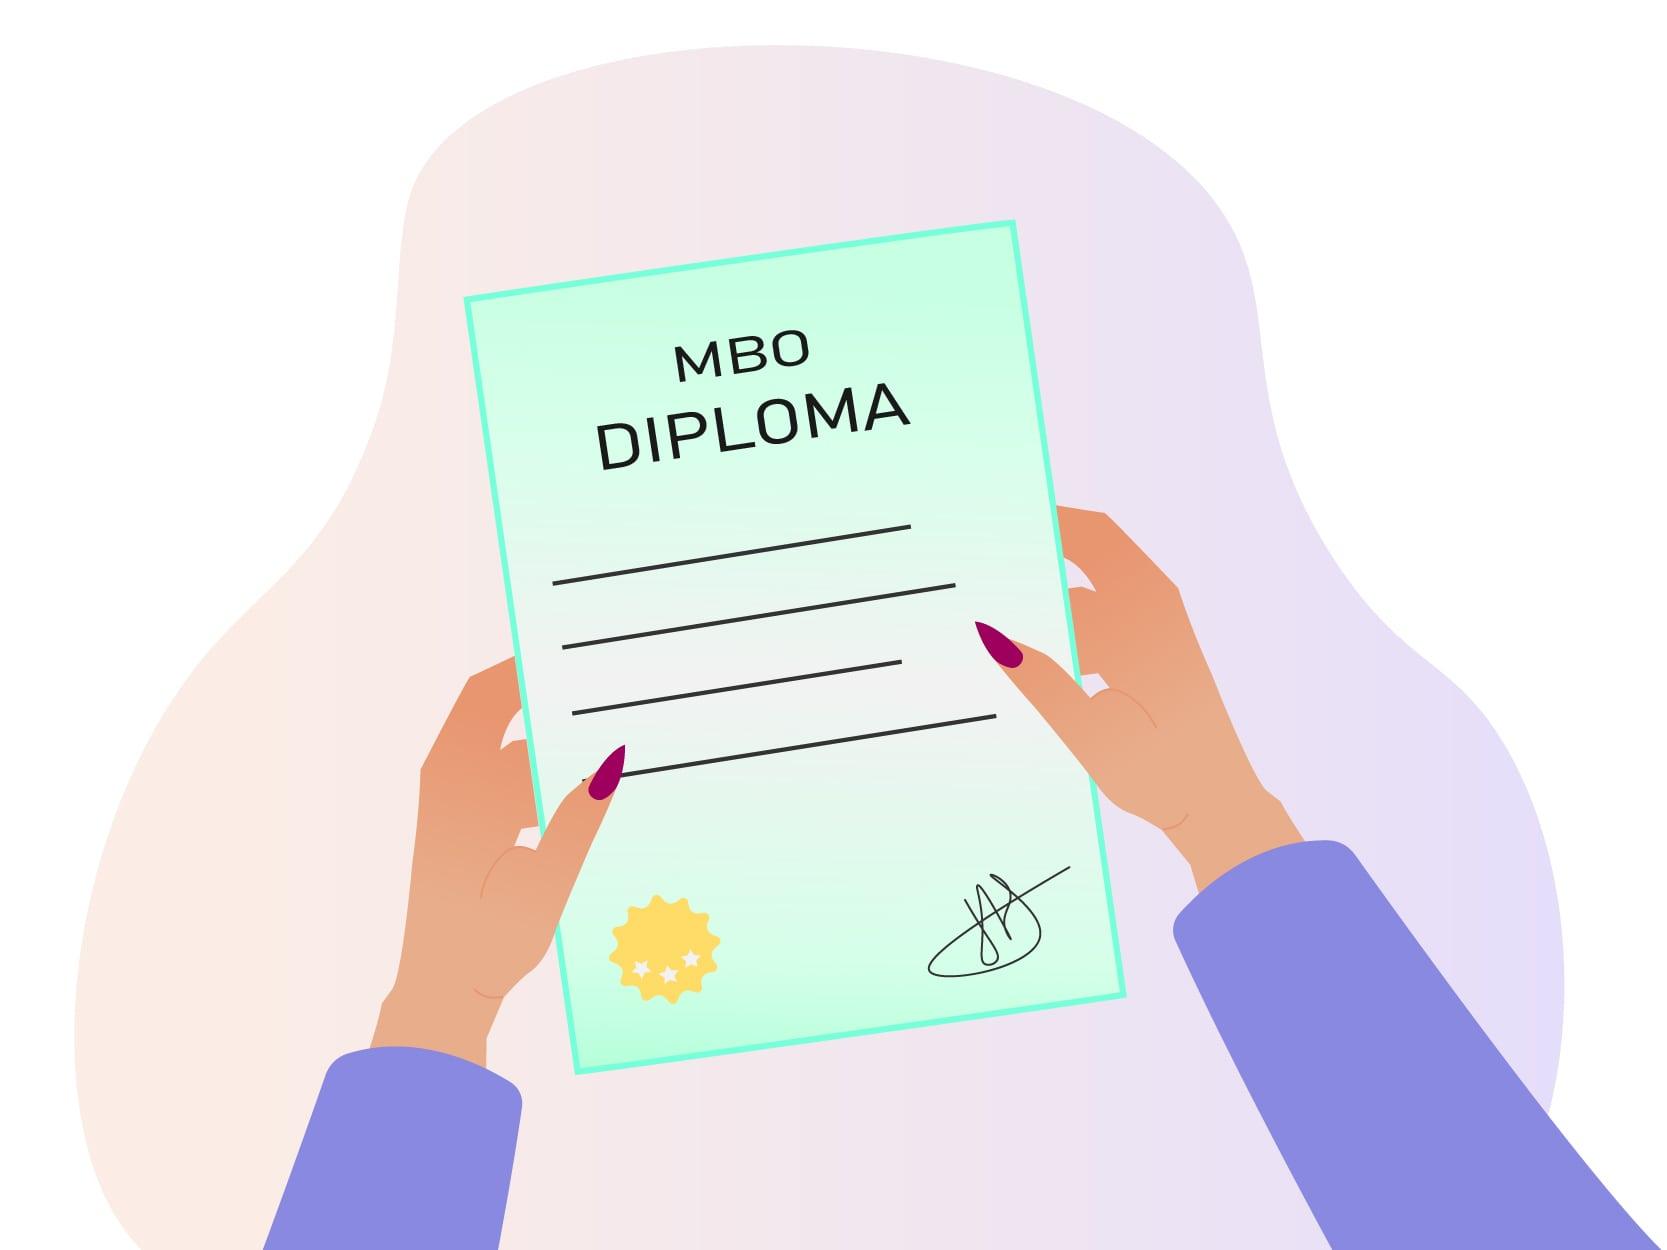 Oppas of gastouder met een paarse trui en een mbo diploma in haar hand